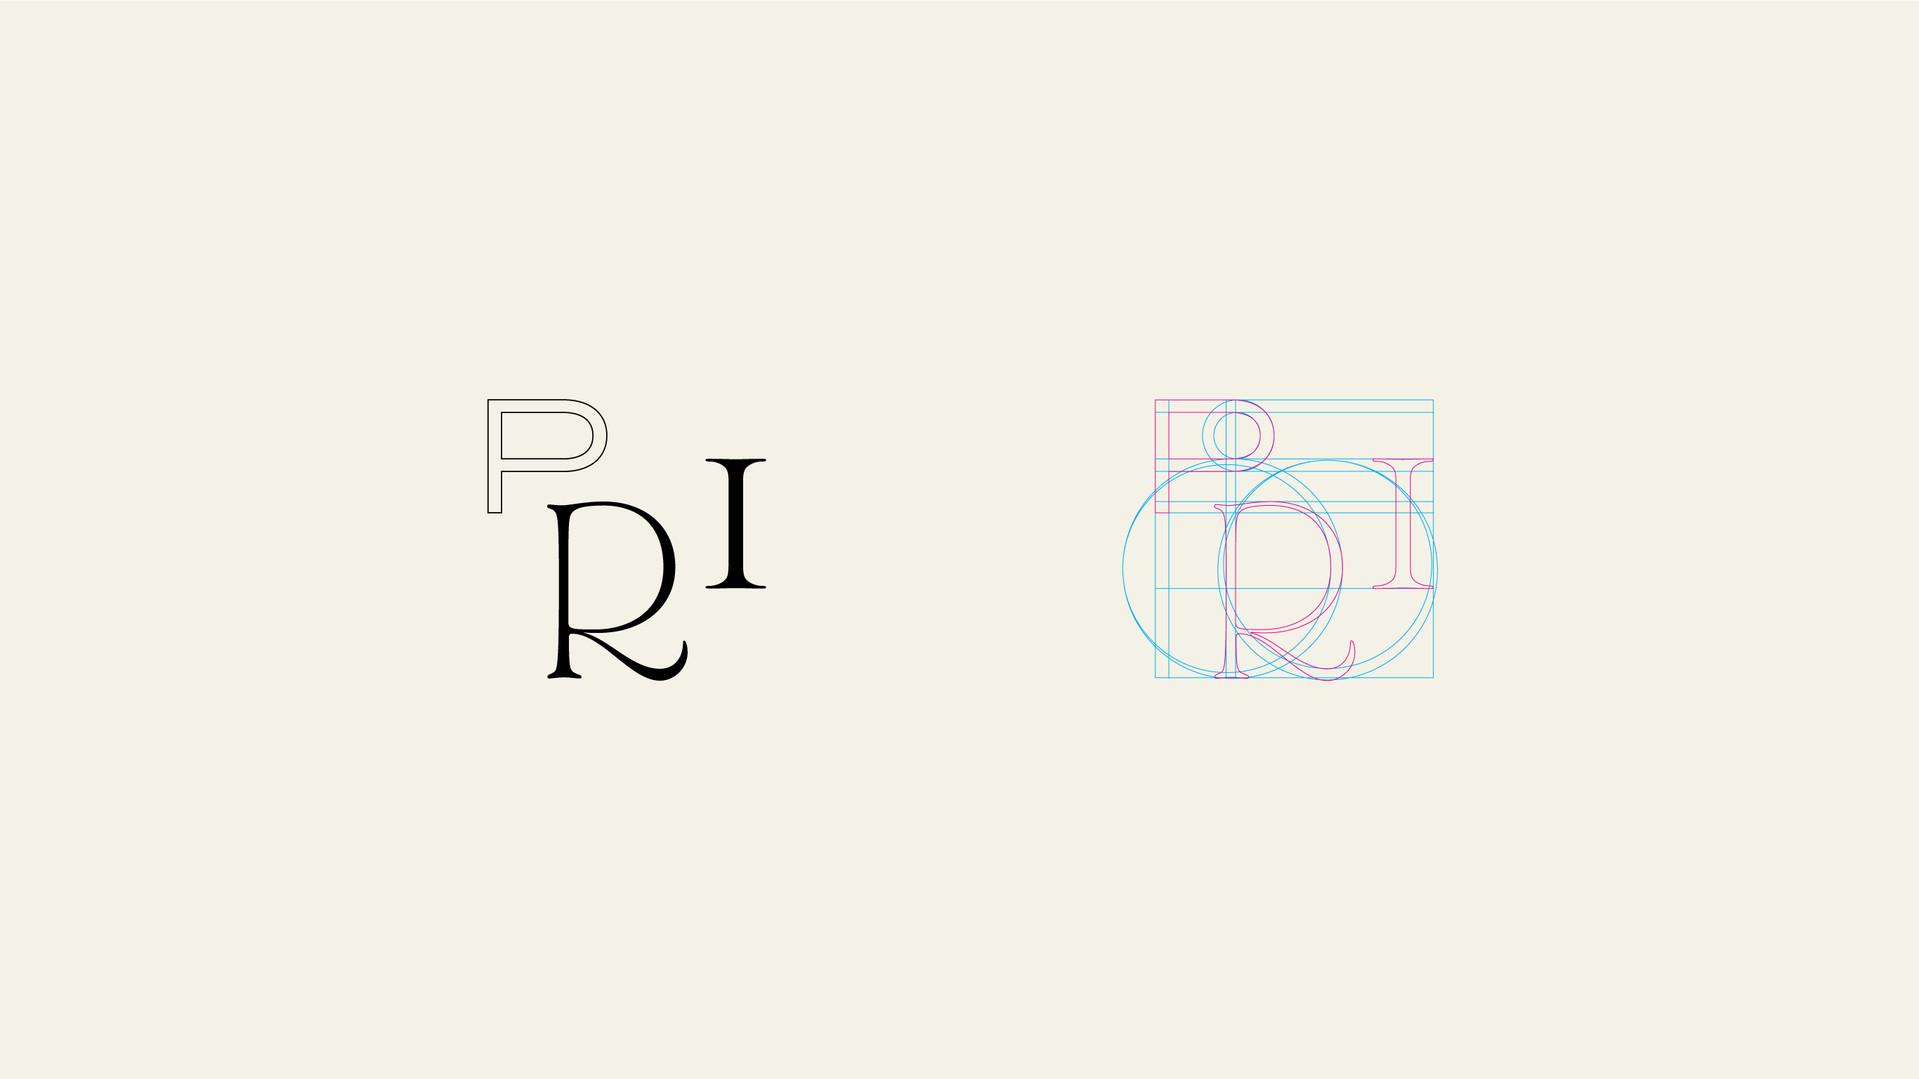 p-r-i.com